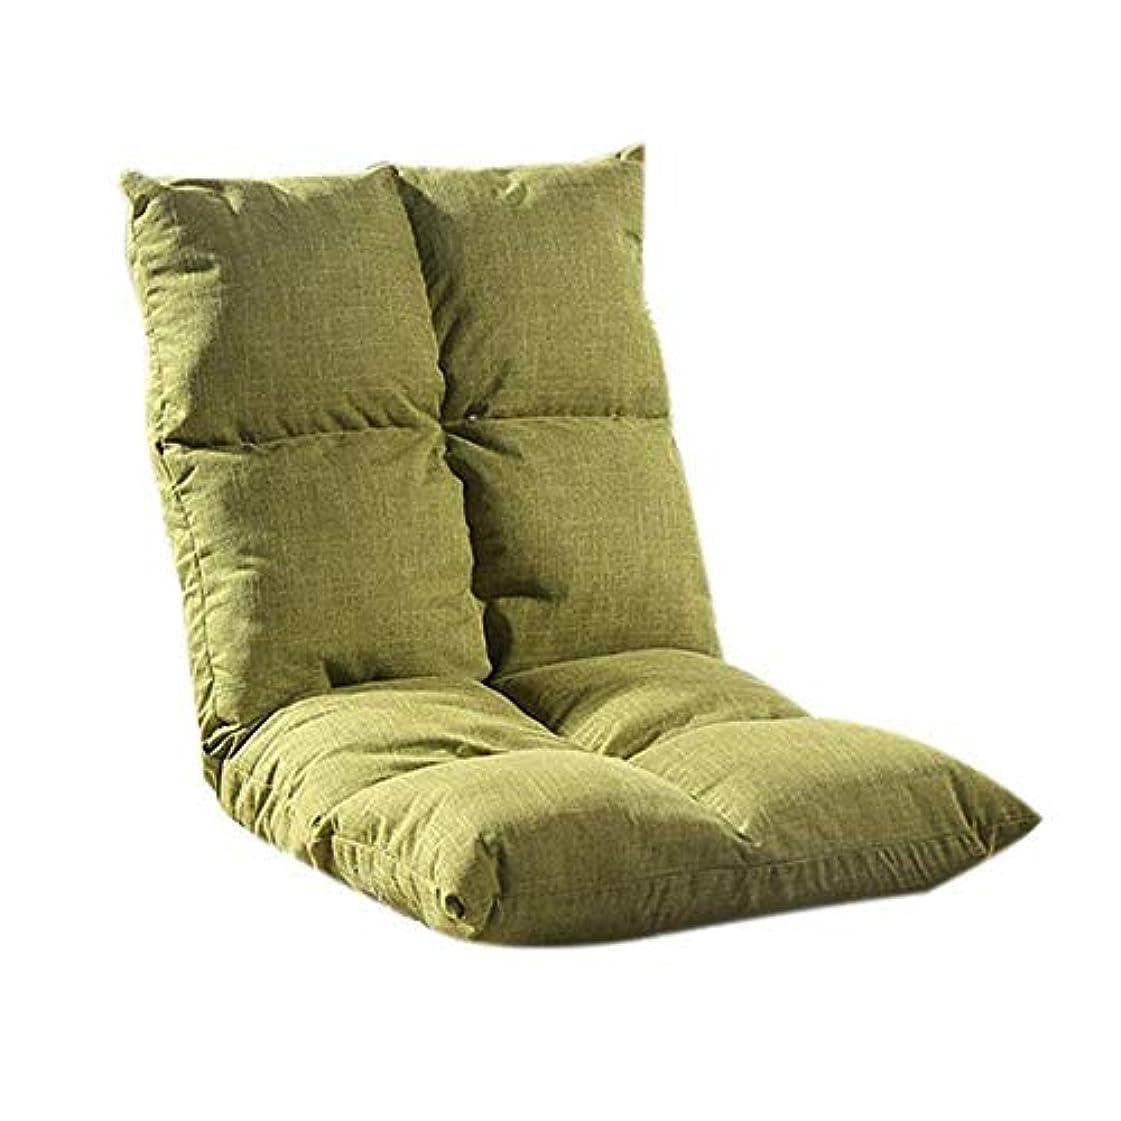 会話結婚した森怠zyなフロアチェア、畳クッション、シングルメディテーションチェア、背もたれ一体型フロアクッション、折りたたみ式厚手バルコニー和風、調節可能な椅子怠Adjustなソファゲームチェア (Color : 緑)